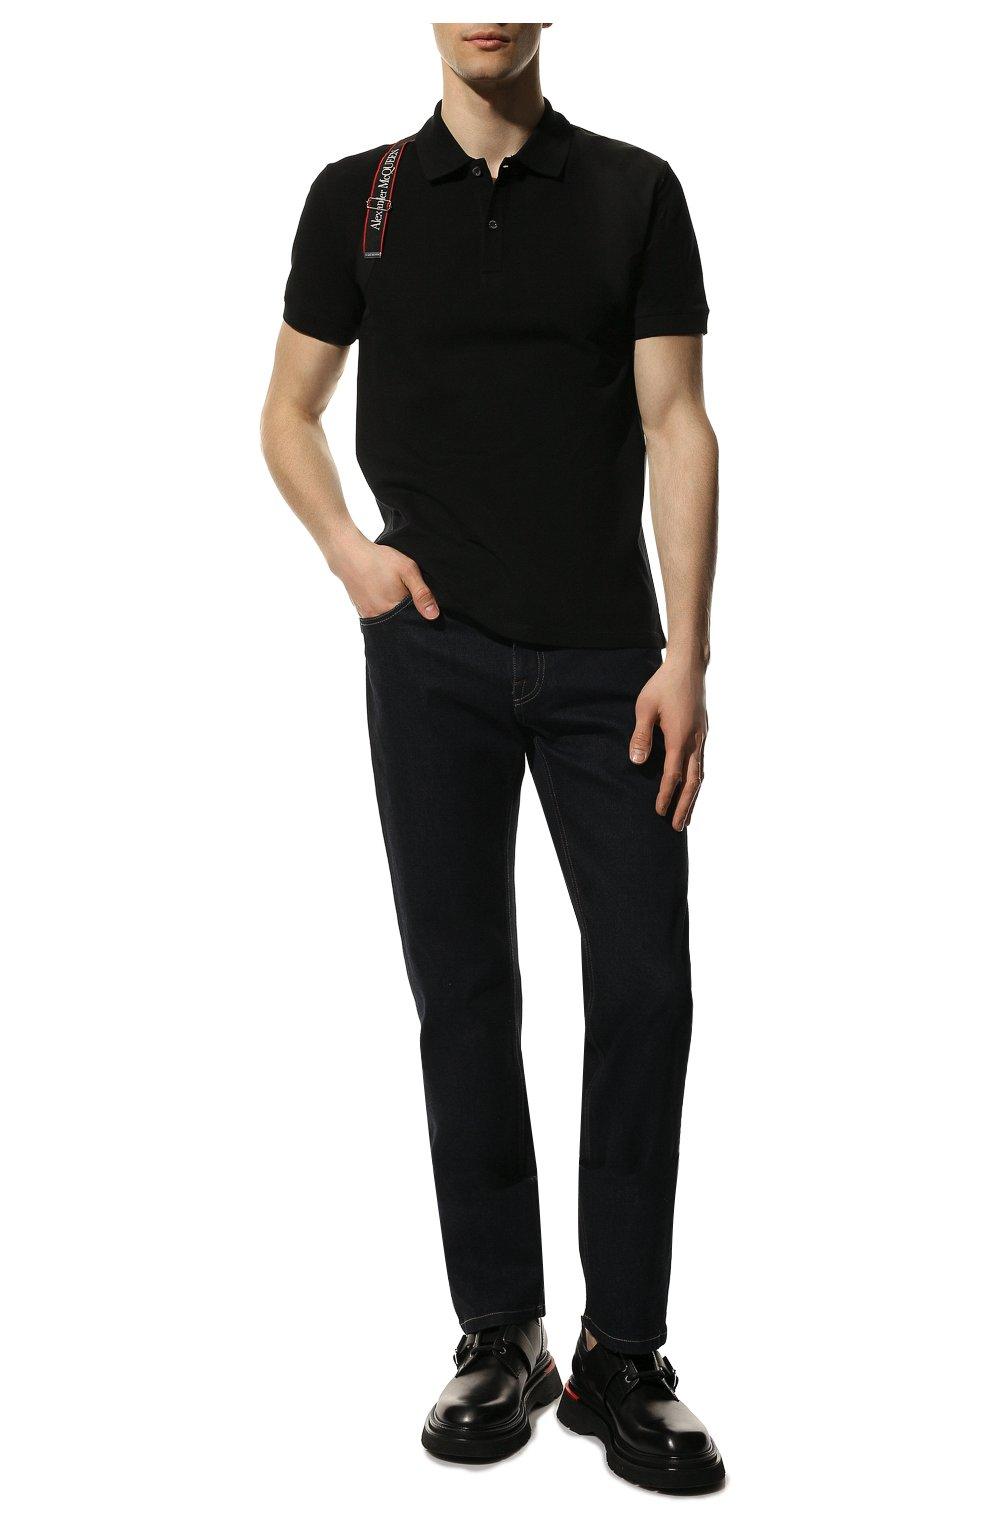 Мужское хлопковое поло ALEXANDER MCQUEEN черного цвета, арт. 625245/QQX33   Фото 2 (Застежка: Пуговицы; Рукава: Короткие; Длина (для топов): Стандартные; Материал внешний: Хлопок; Стили: Кэжуэл)